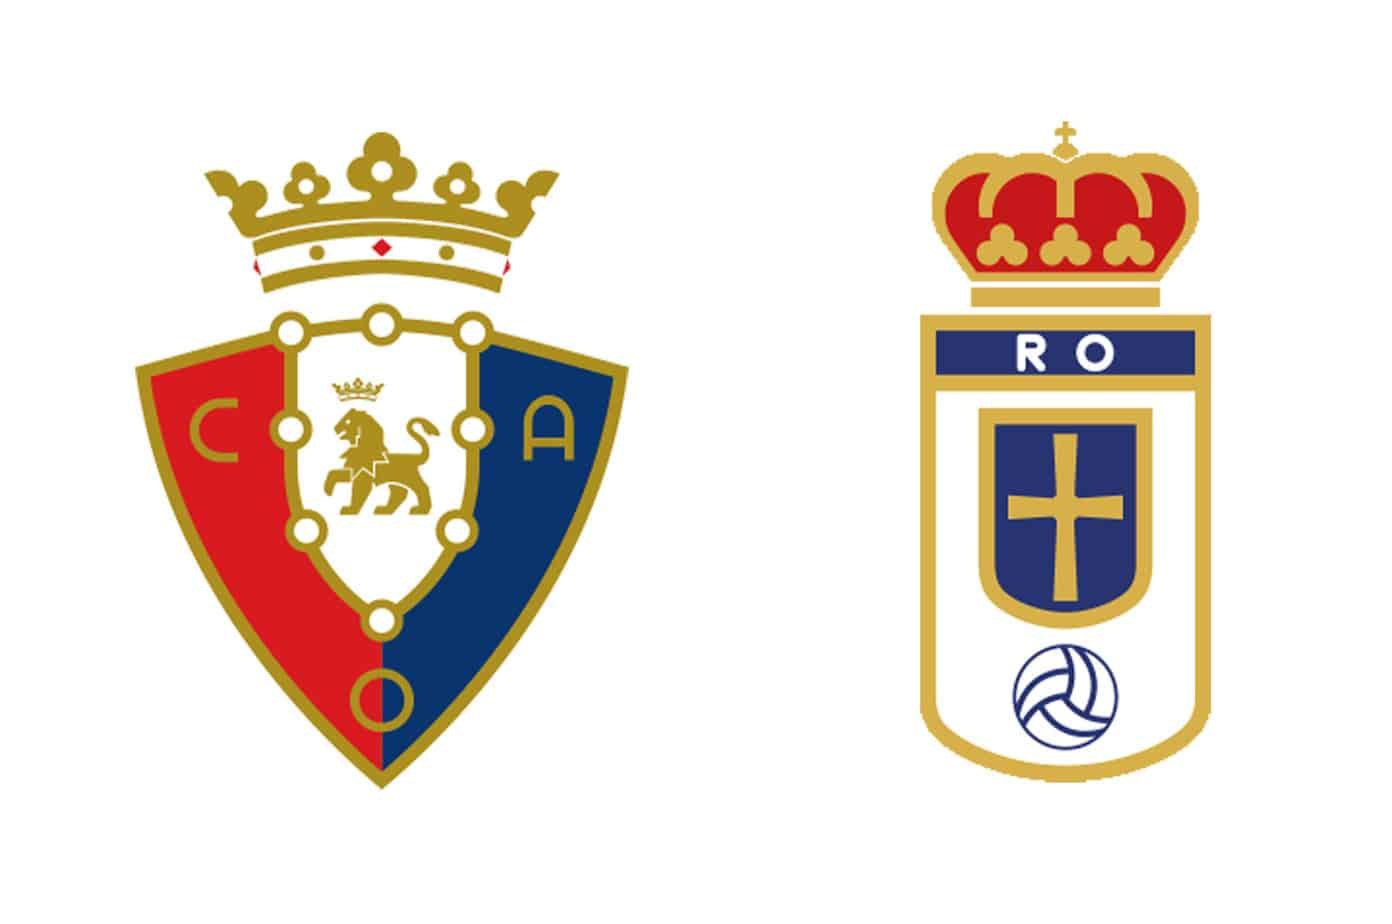 Partido fútbol Club Atlético Osasuna - Real Oviedo